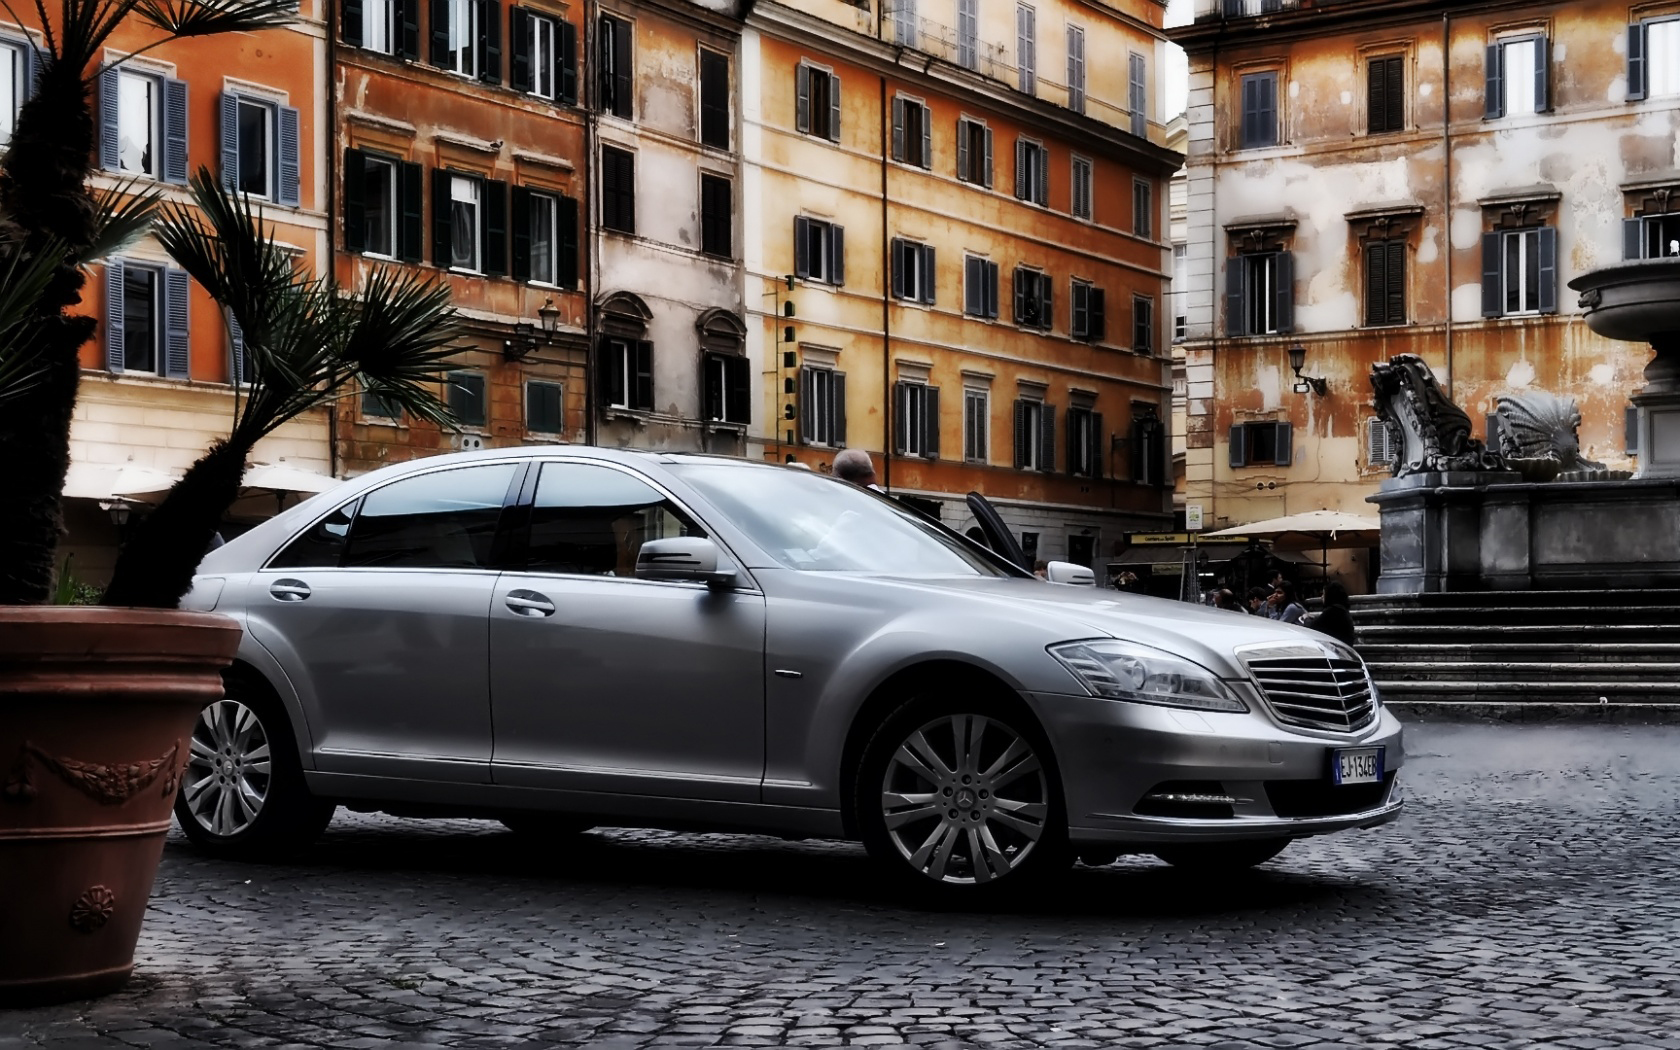 48160 скачать обои Транспорт, Машины, Мерседес (Mercedes) - заставки и картинки бесплатно